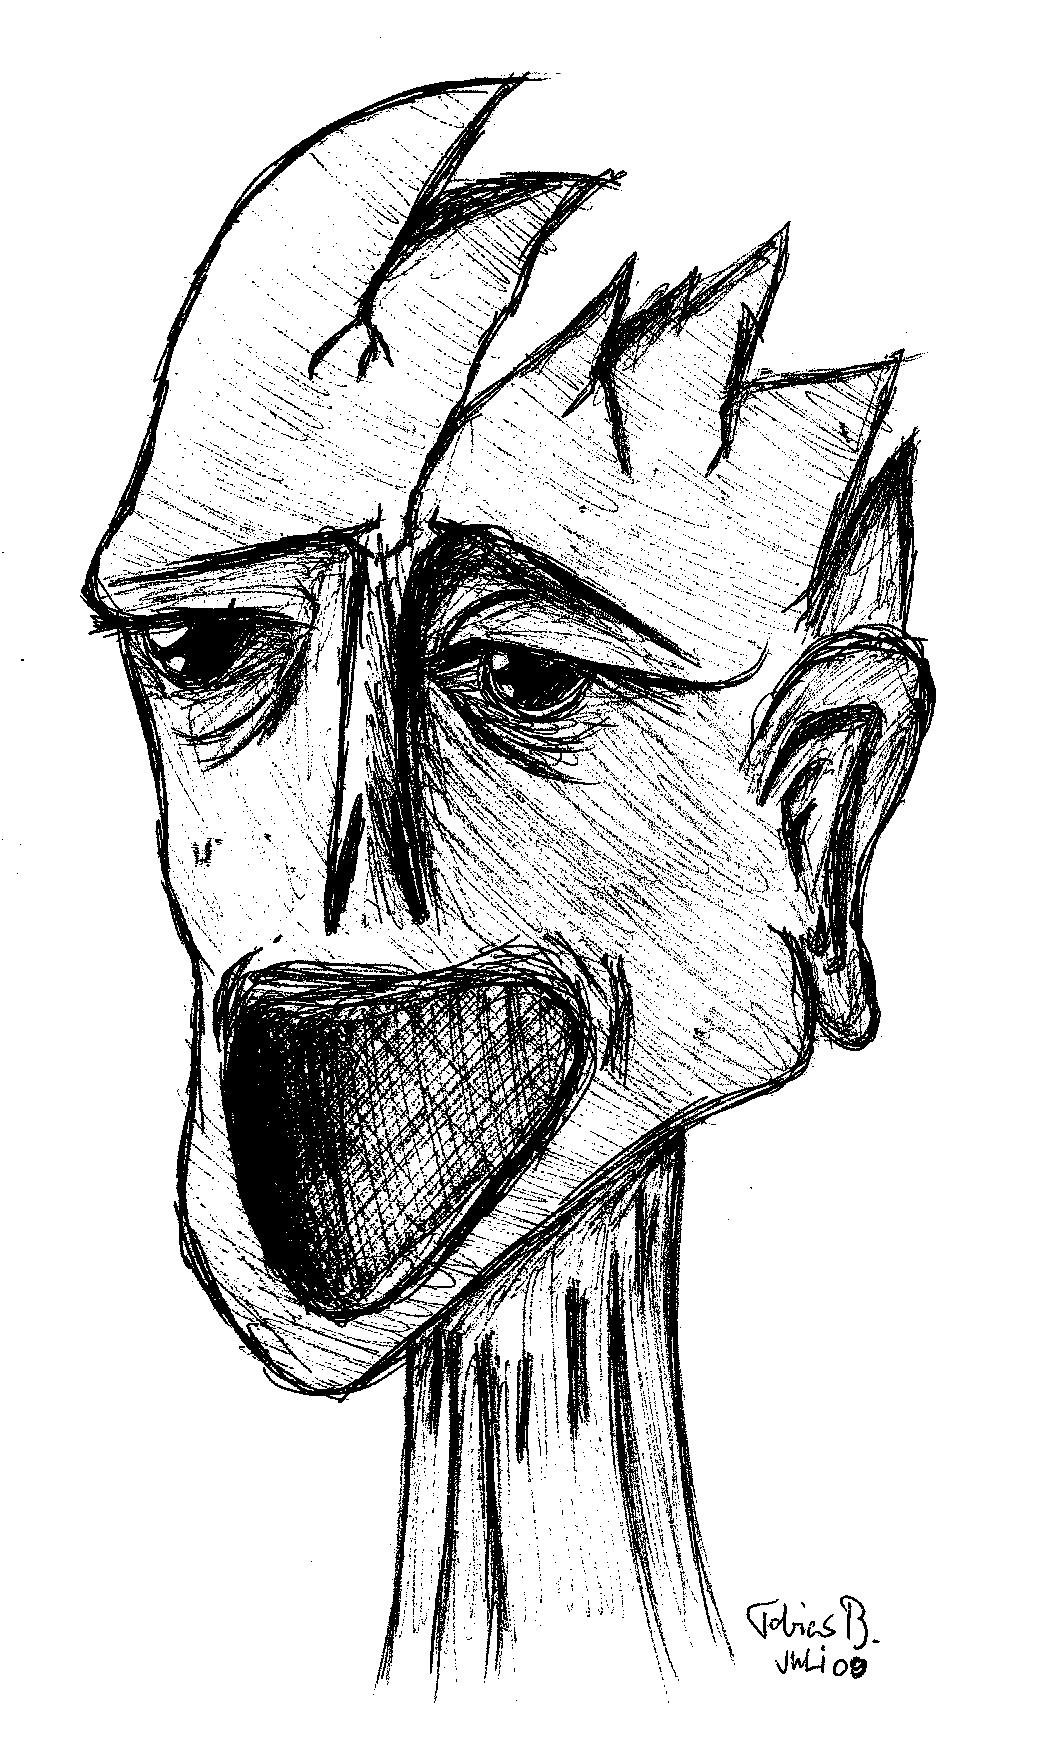 A broken human being